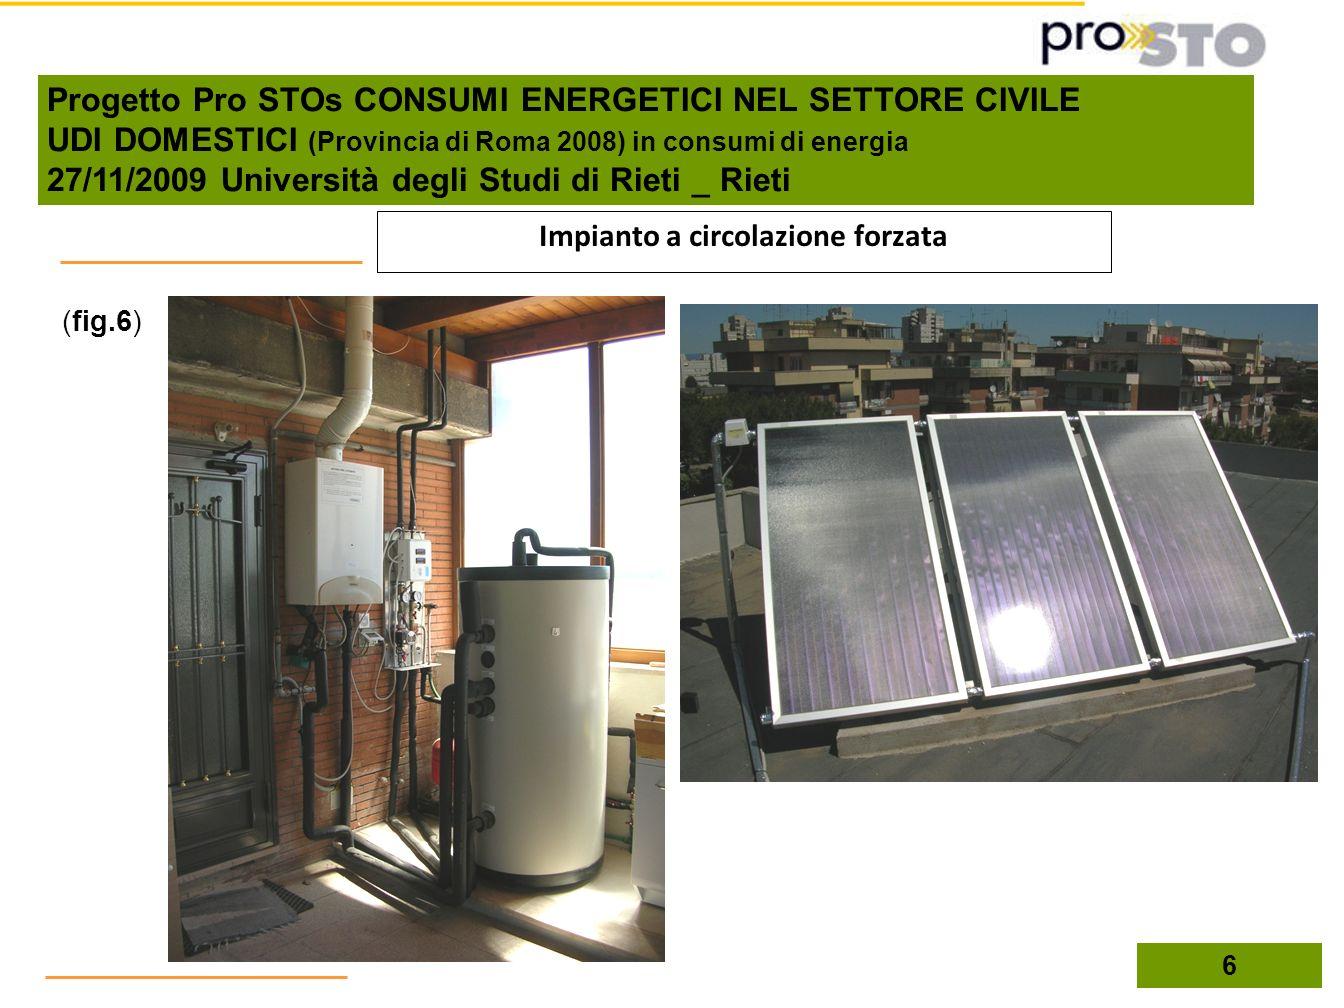 (fig.6) 6 Impianto a circolazione forzata Progetto Pro STOs CONSUMI ENERGETICI NEL SETTORE CIVILE UDI DOMESTICI (Provincia di Roma 2008) in consumi di